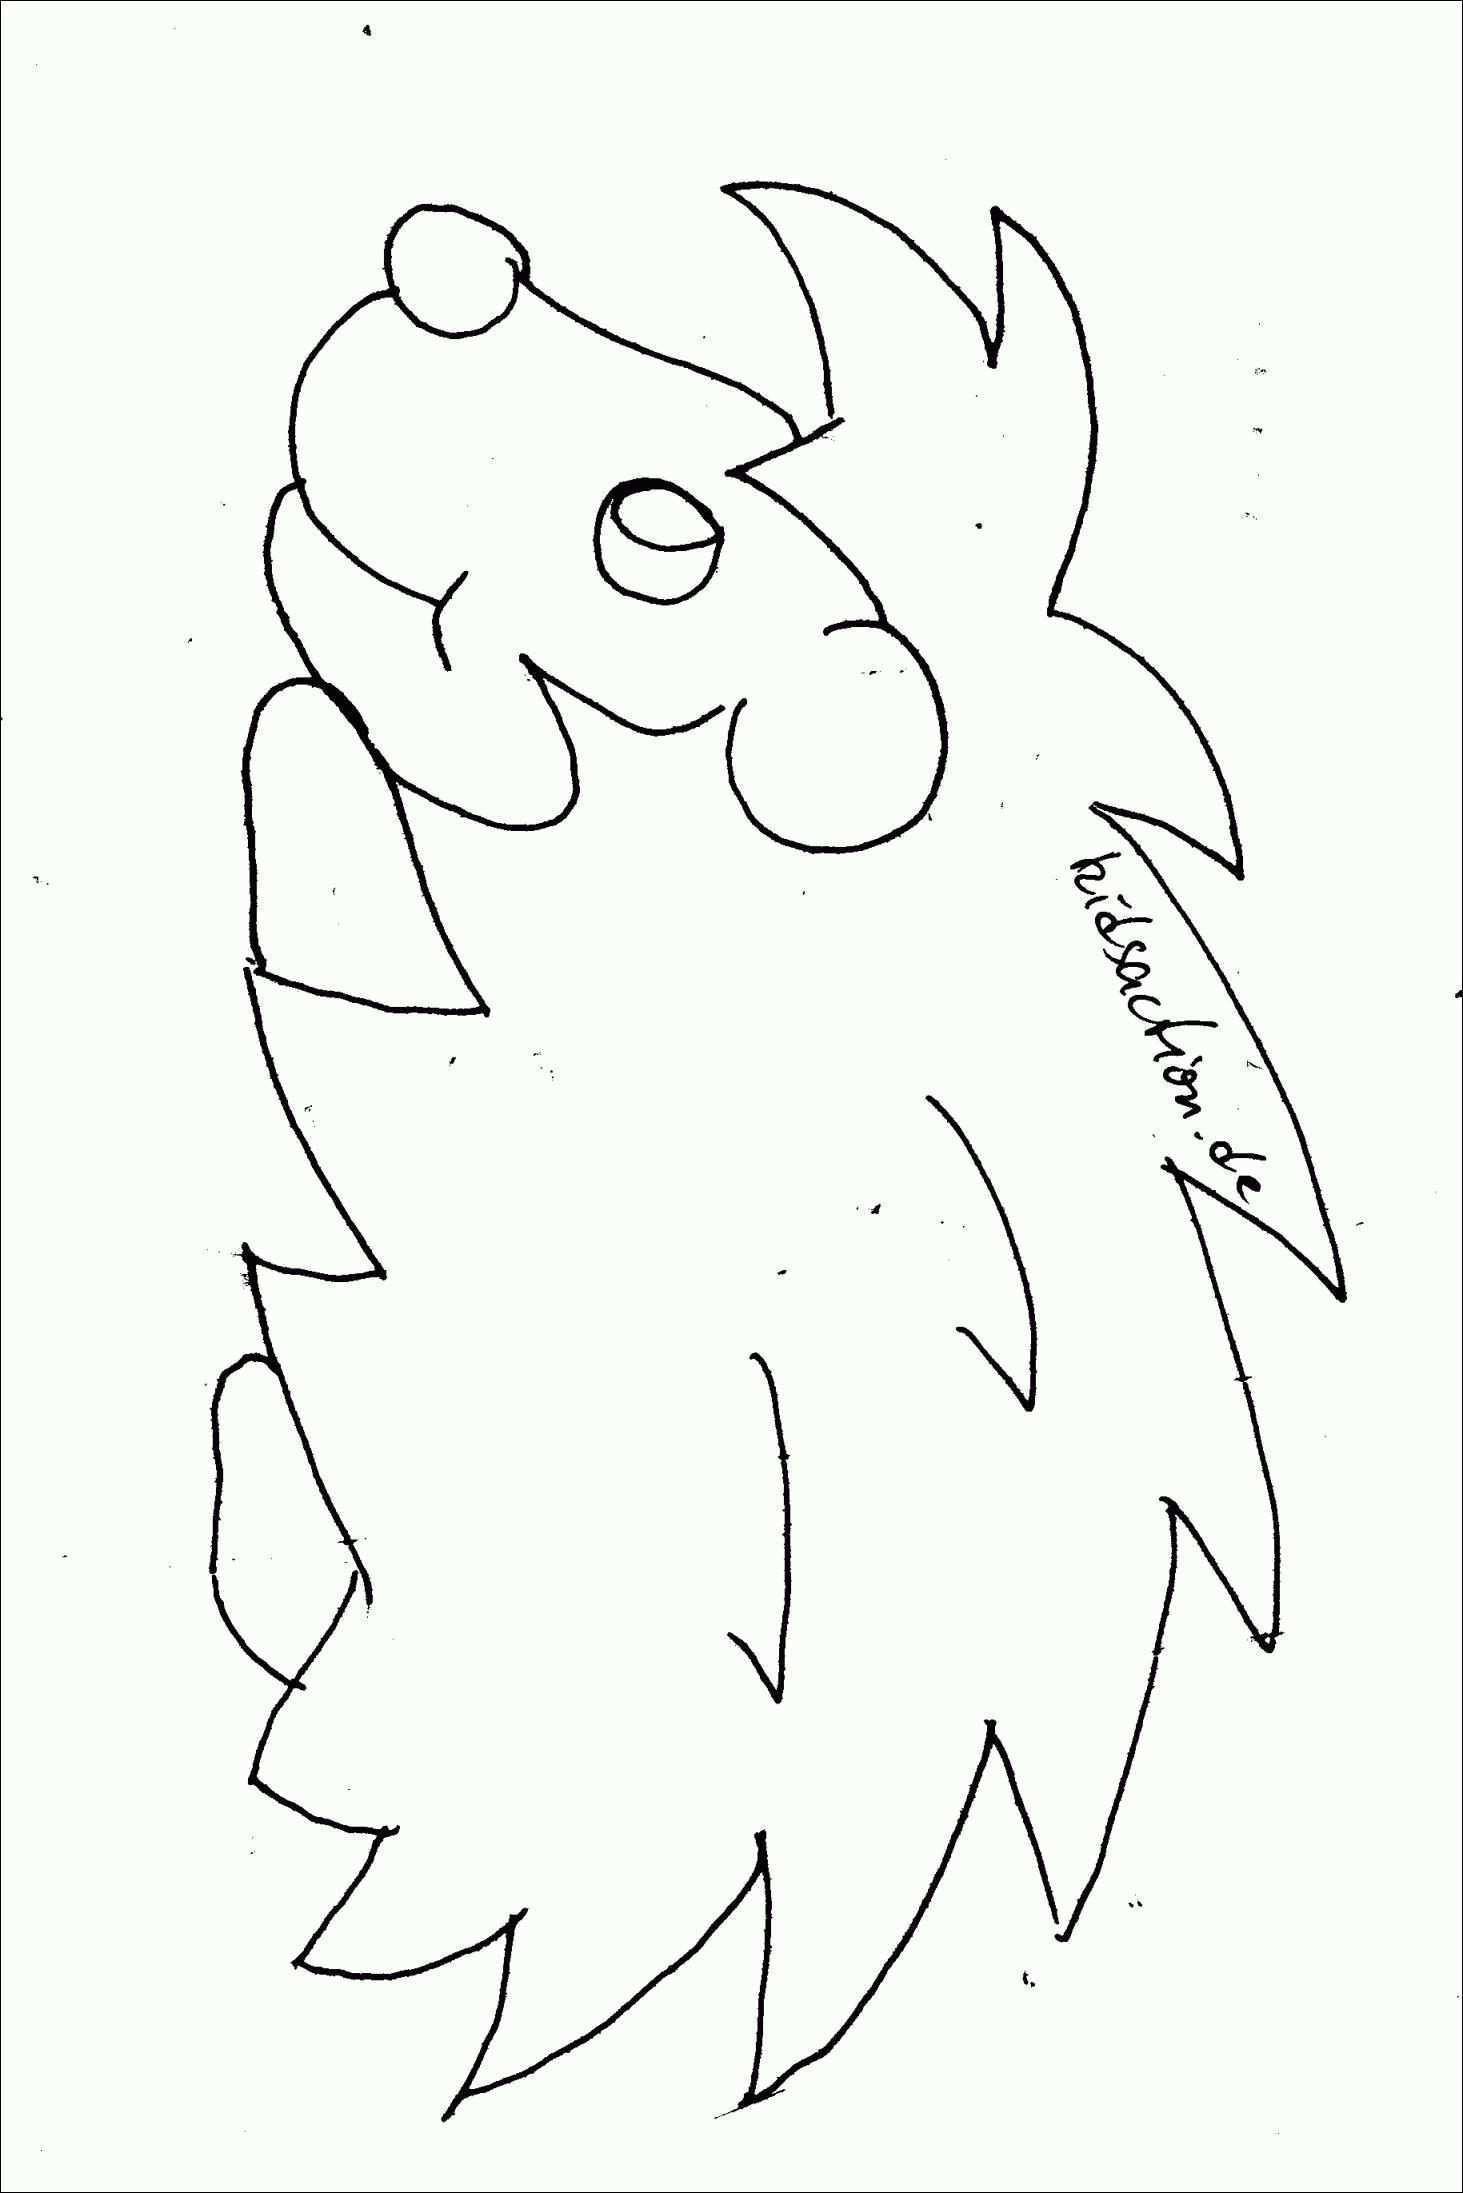 Anspruchsvolle Mandalas Zum Ausdrucken Das Beste Von Einhorn Mandalas Zum Ausdrucken Bild Mandala Nashorn Vorlage Galerie